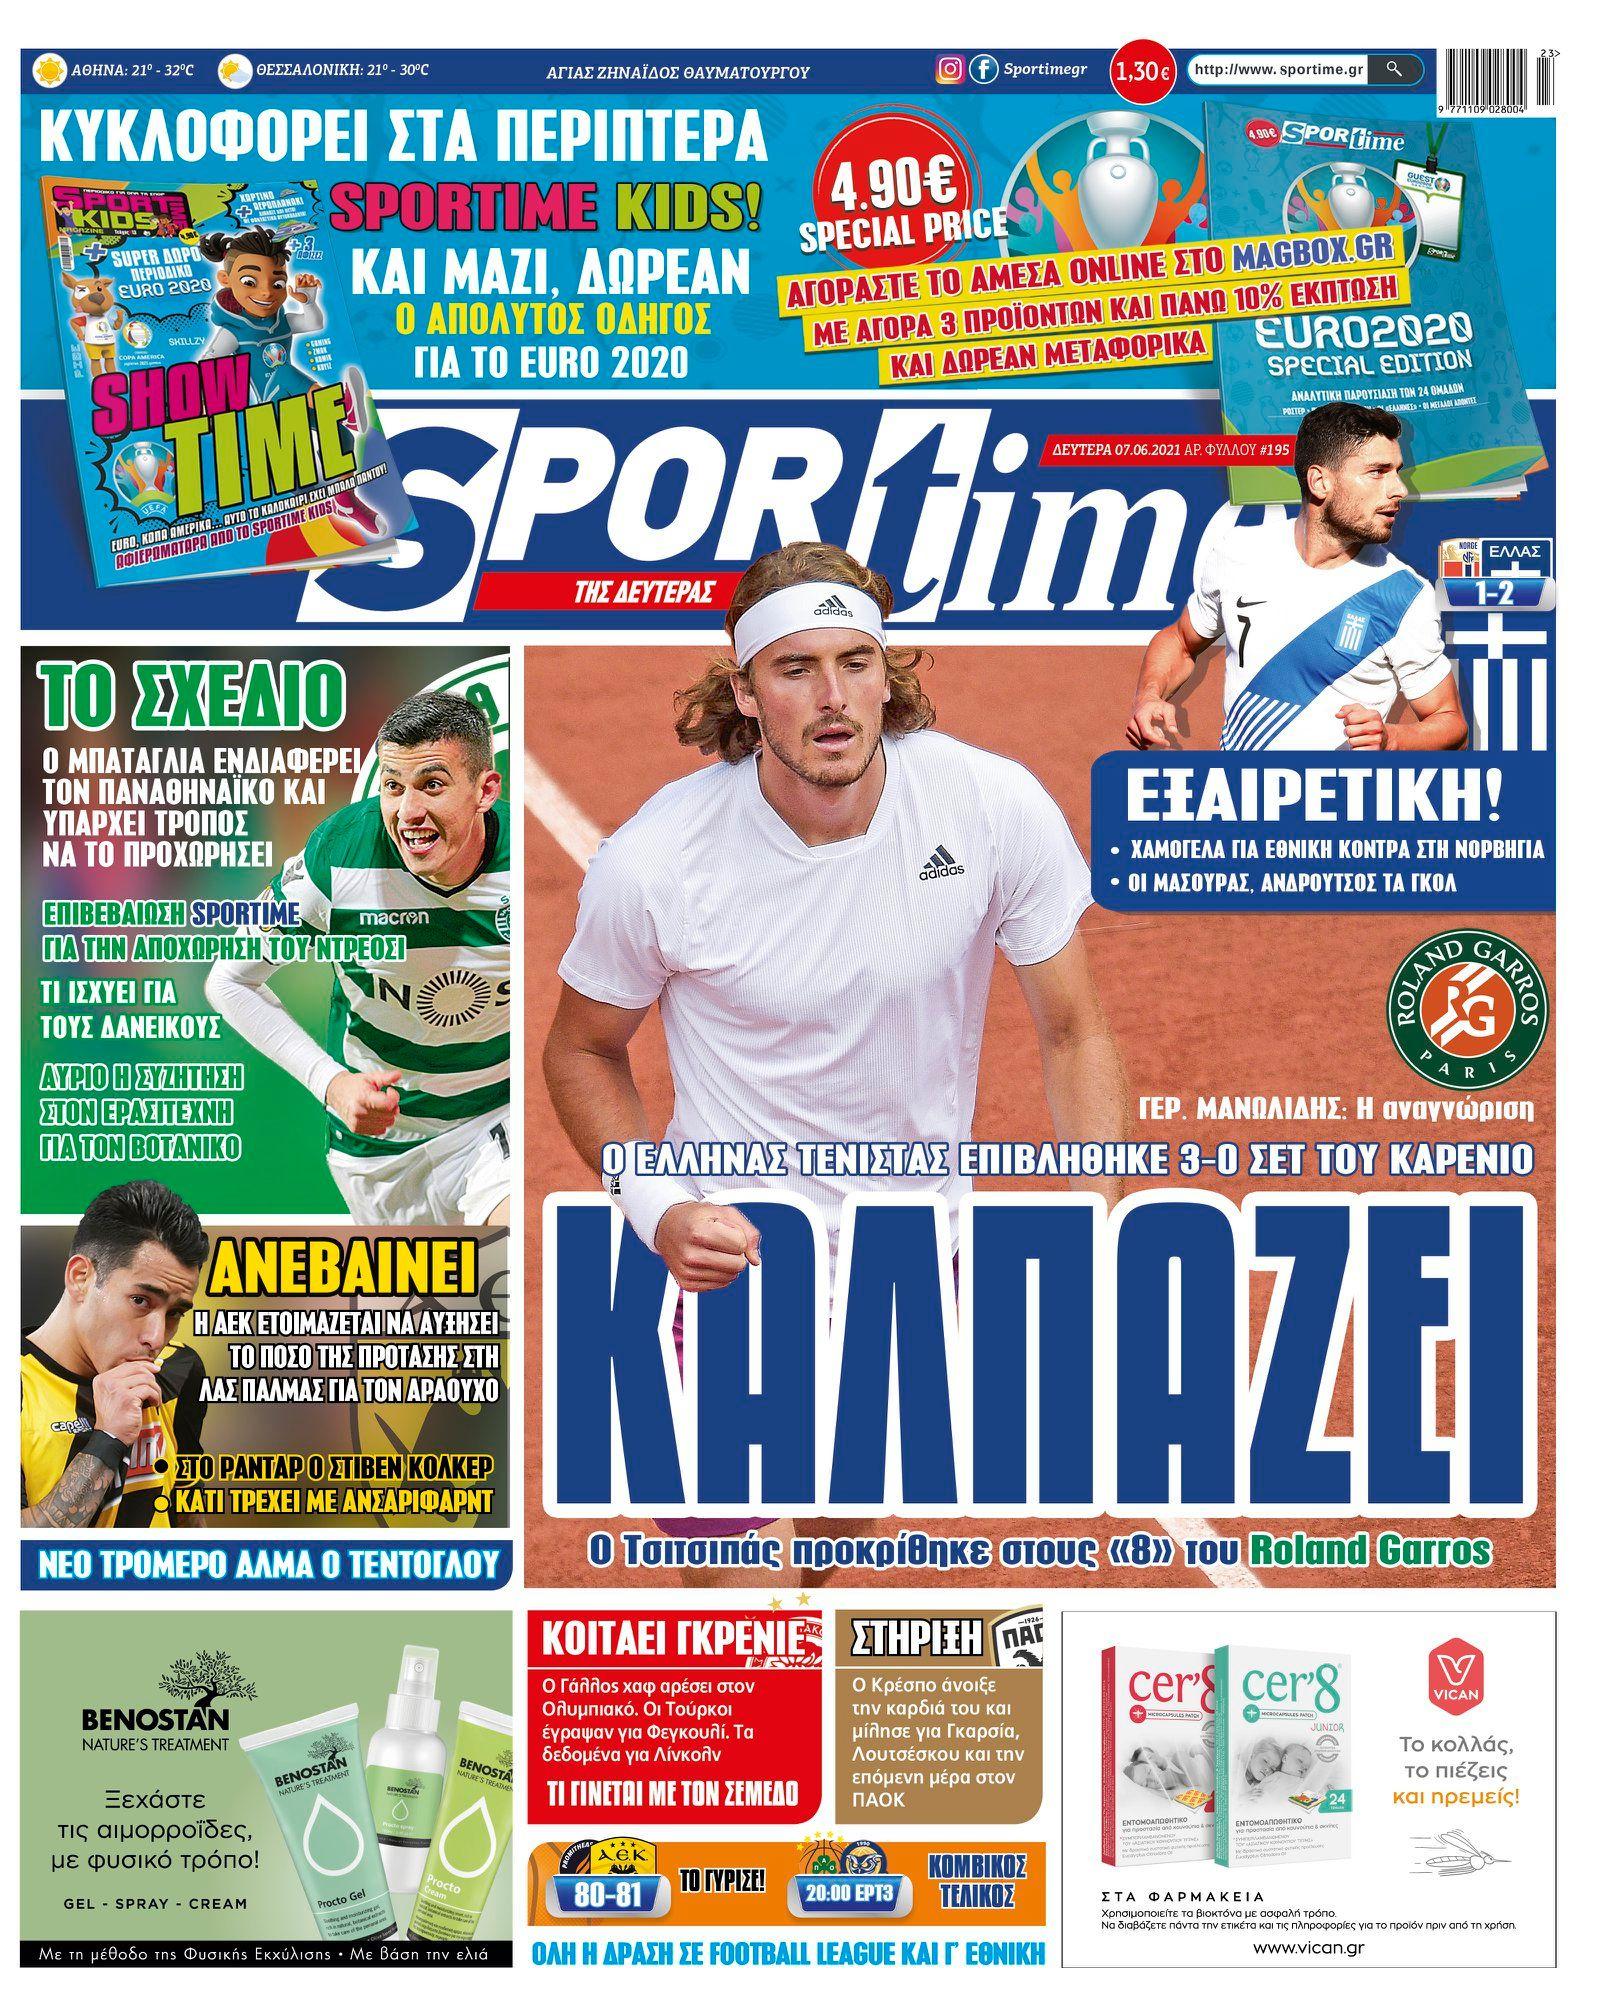 Εφημερίδα SPORTIME - Εξώφυλλο φύλλου 7/6/2021